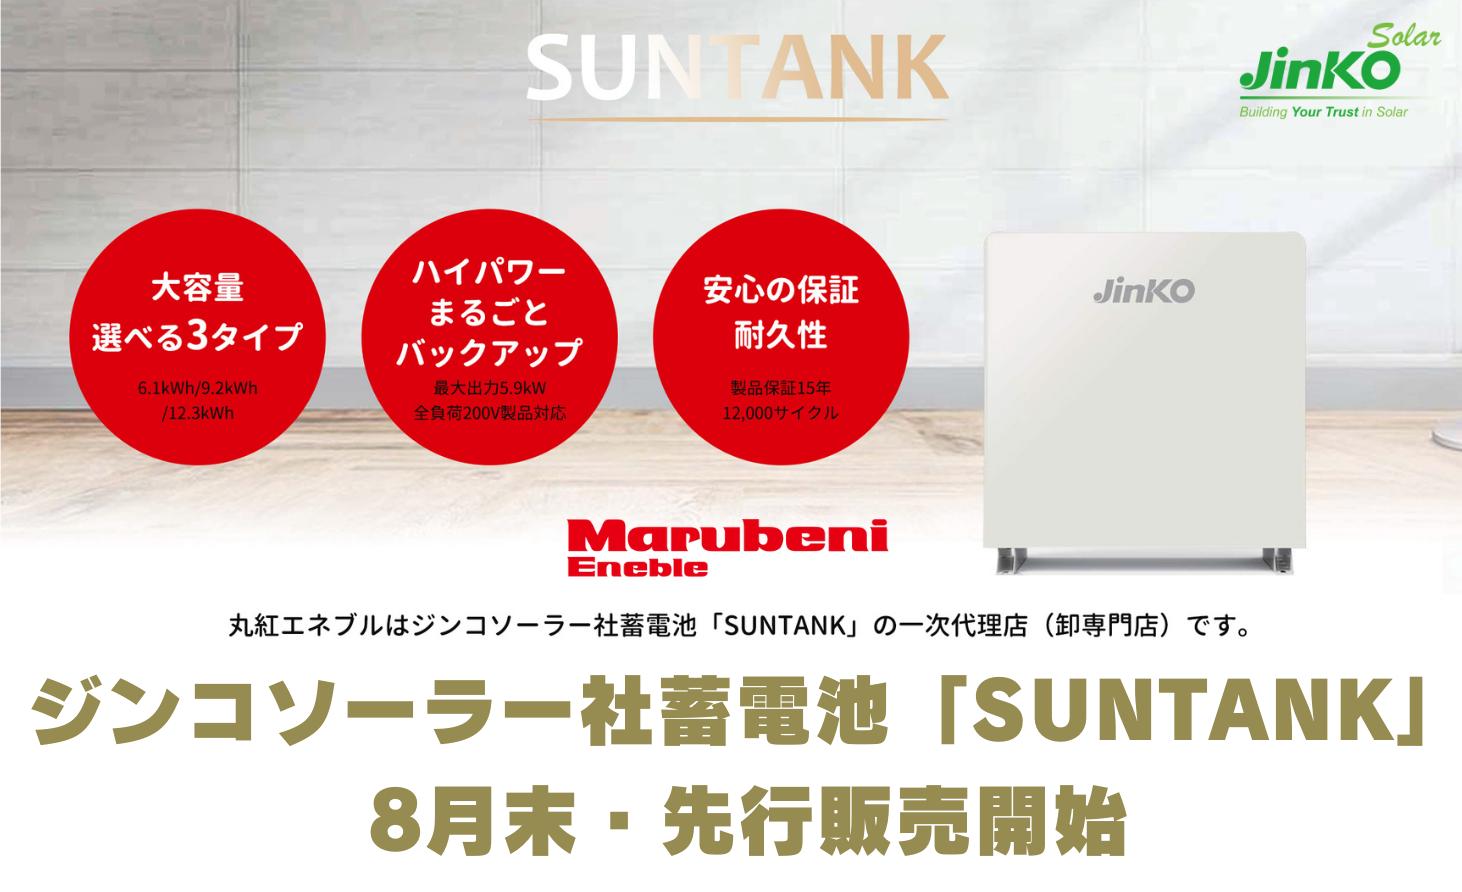 ジンコソーラー蓄電池「SUNTANK」販売開始キャンペーン(国内代理店:丸紅エネブル)